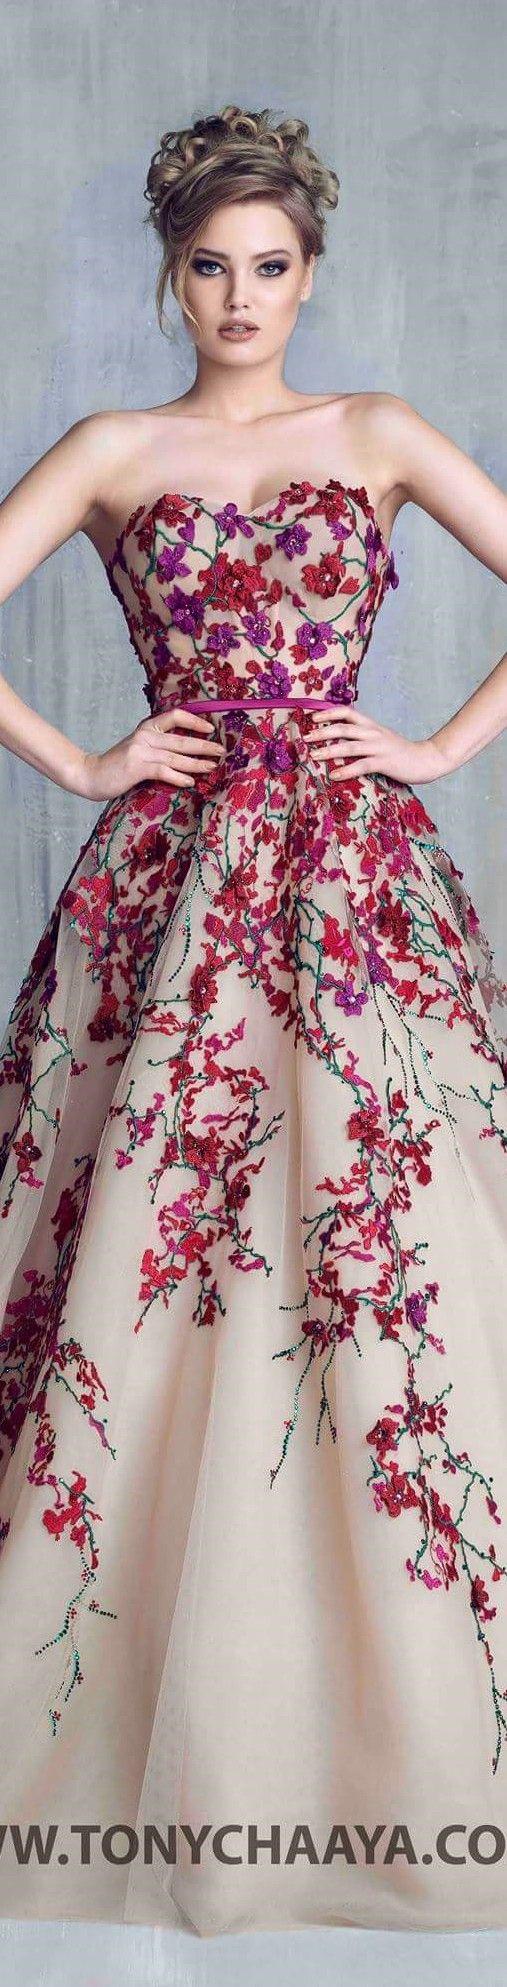 Tony Chaaya couture 2016